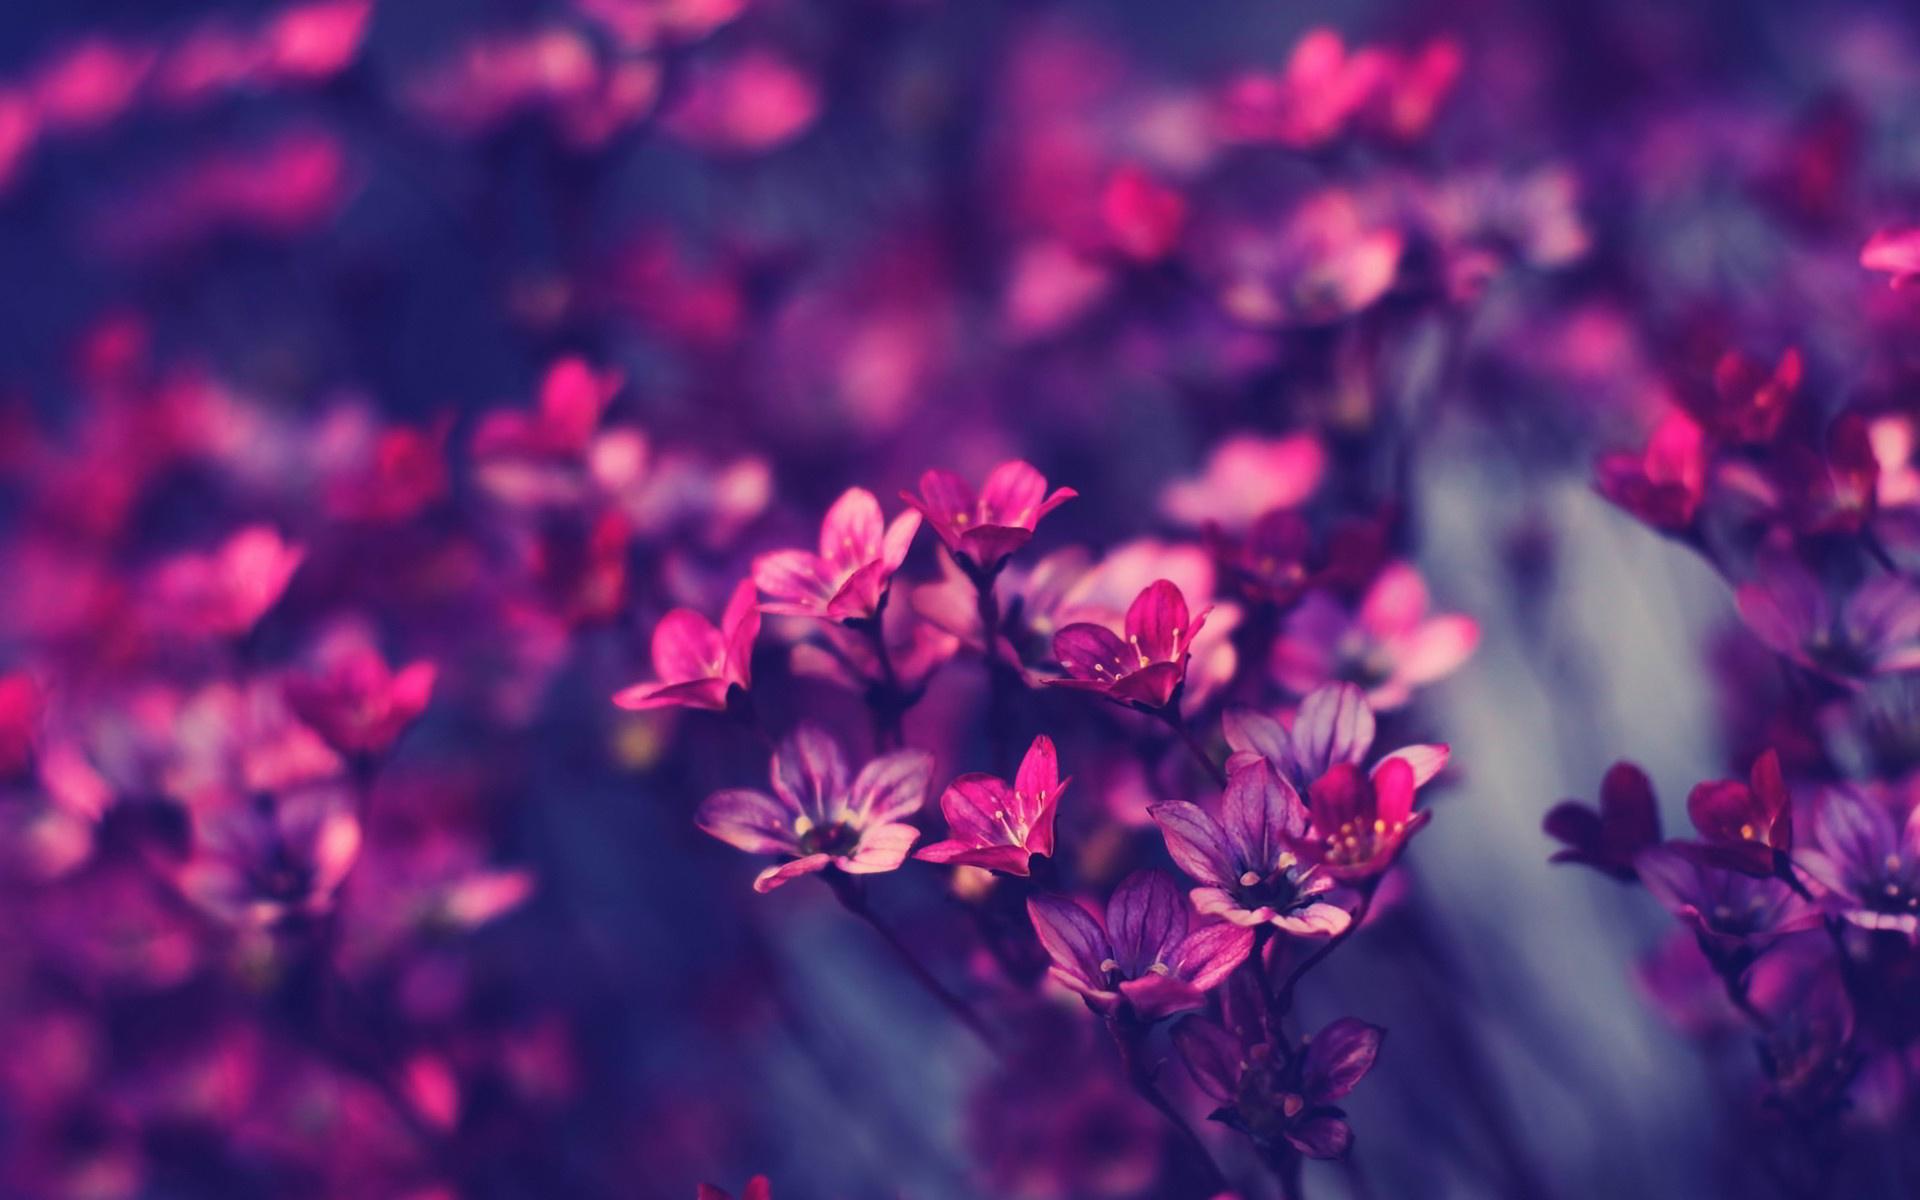 Purple Flower Image